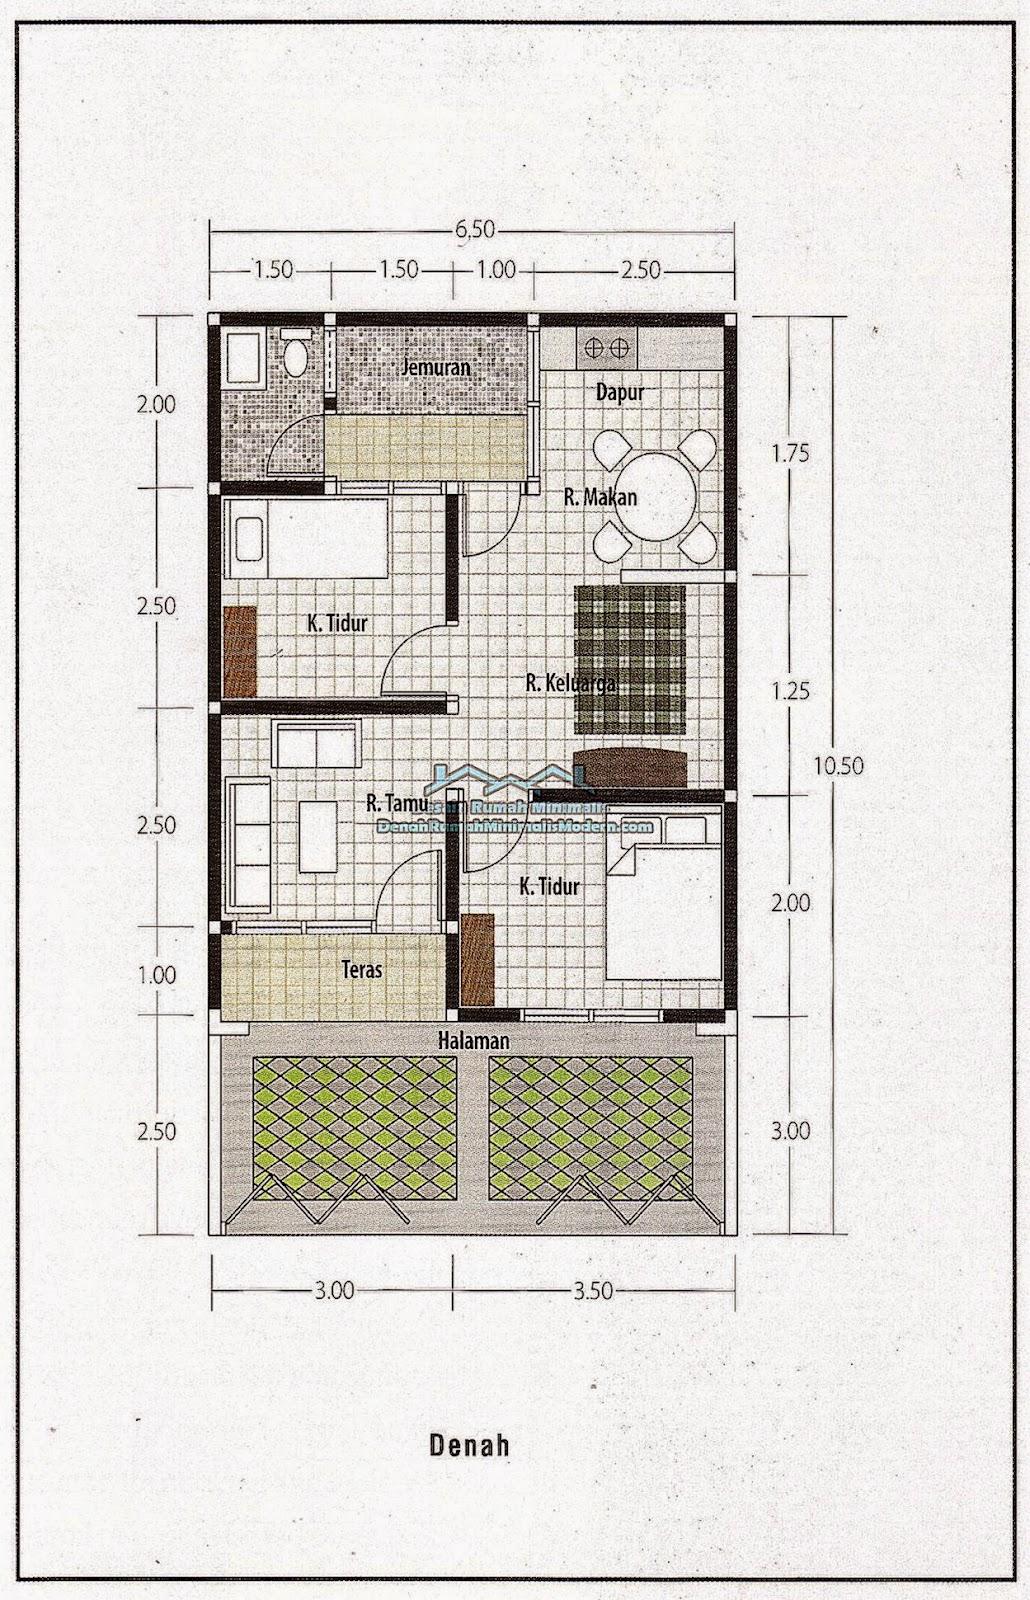 Denah Rumah Minimalis Lahan Sempit denah rumah minimalis